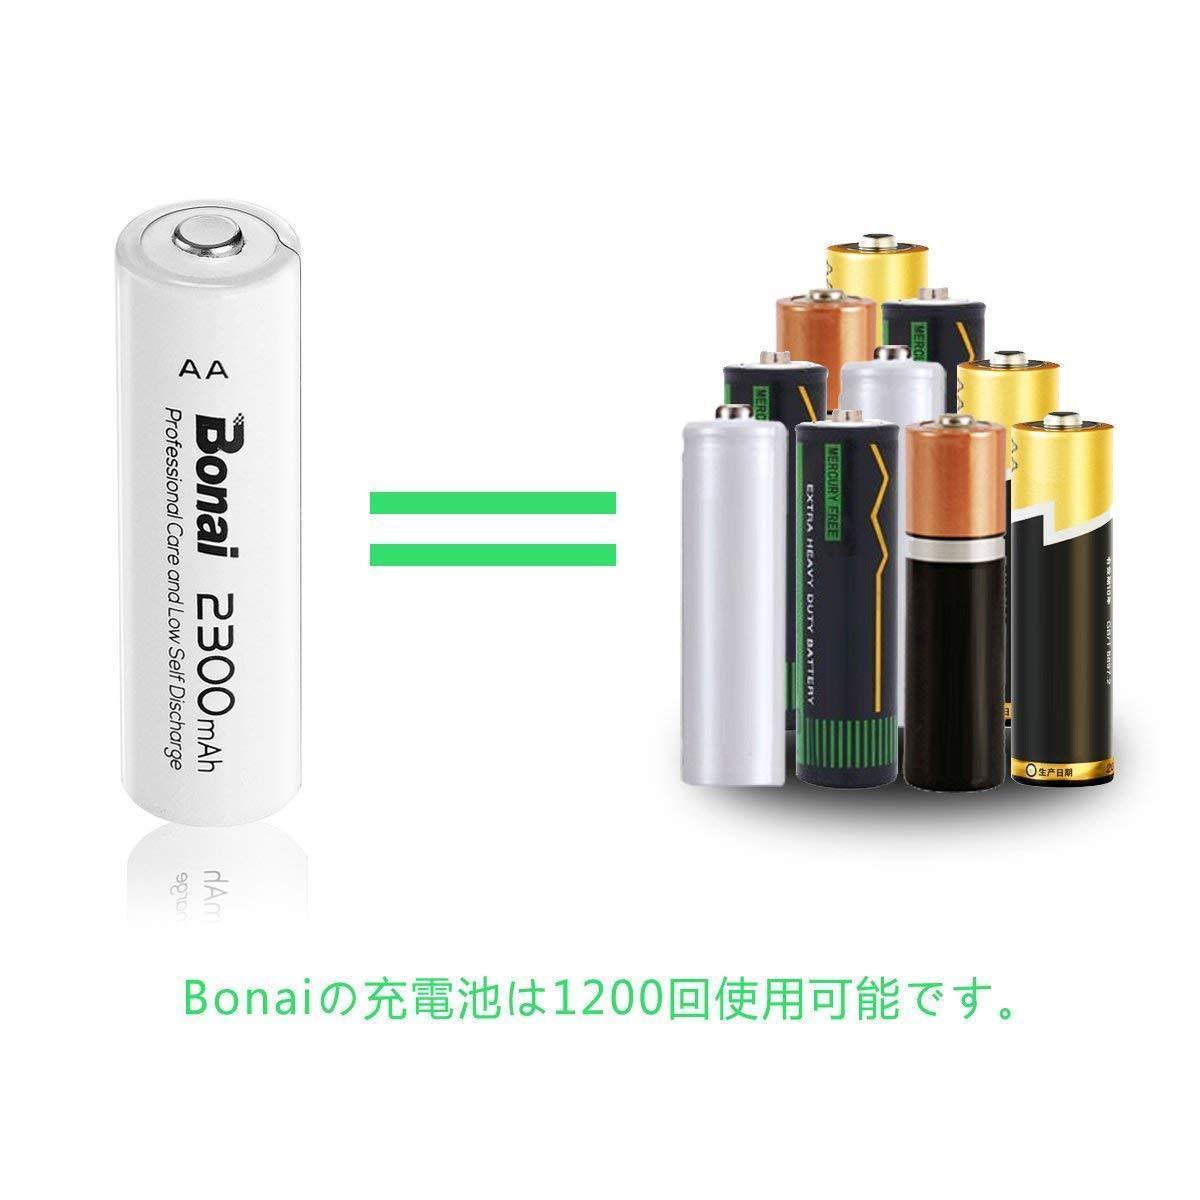 [新品/送料無料] Bonai 単3形 充電池 充電式ニッケル水素電池 16個パック PSE/CEマーキング取得 UL認証済(高容量2300mAh 約1200回使用可)_画像6